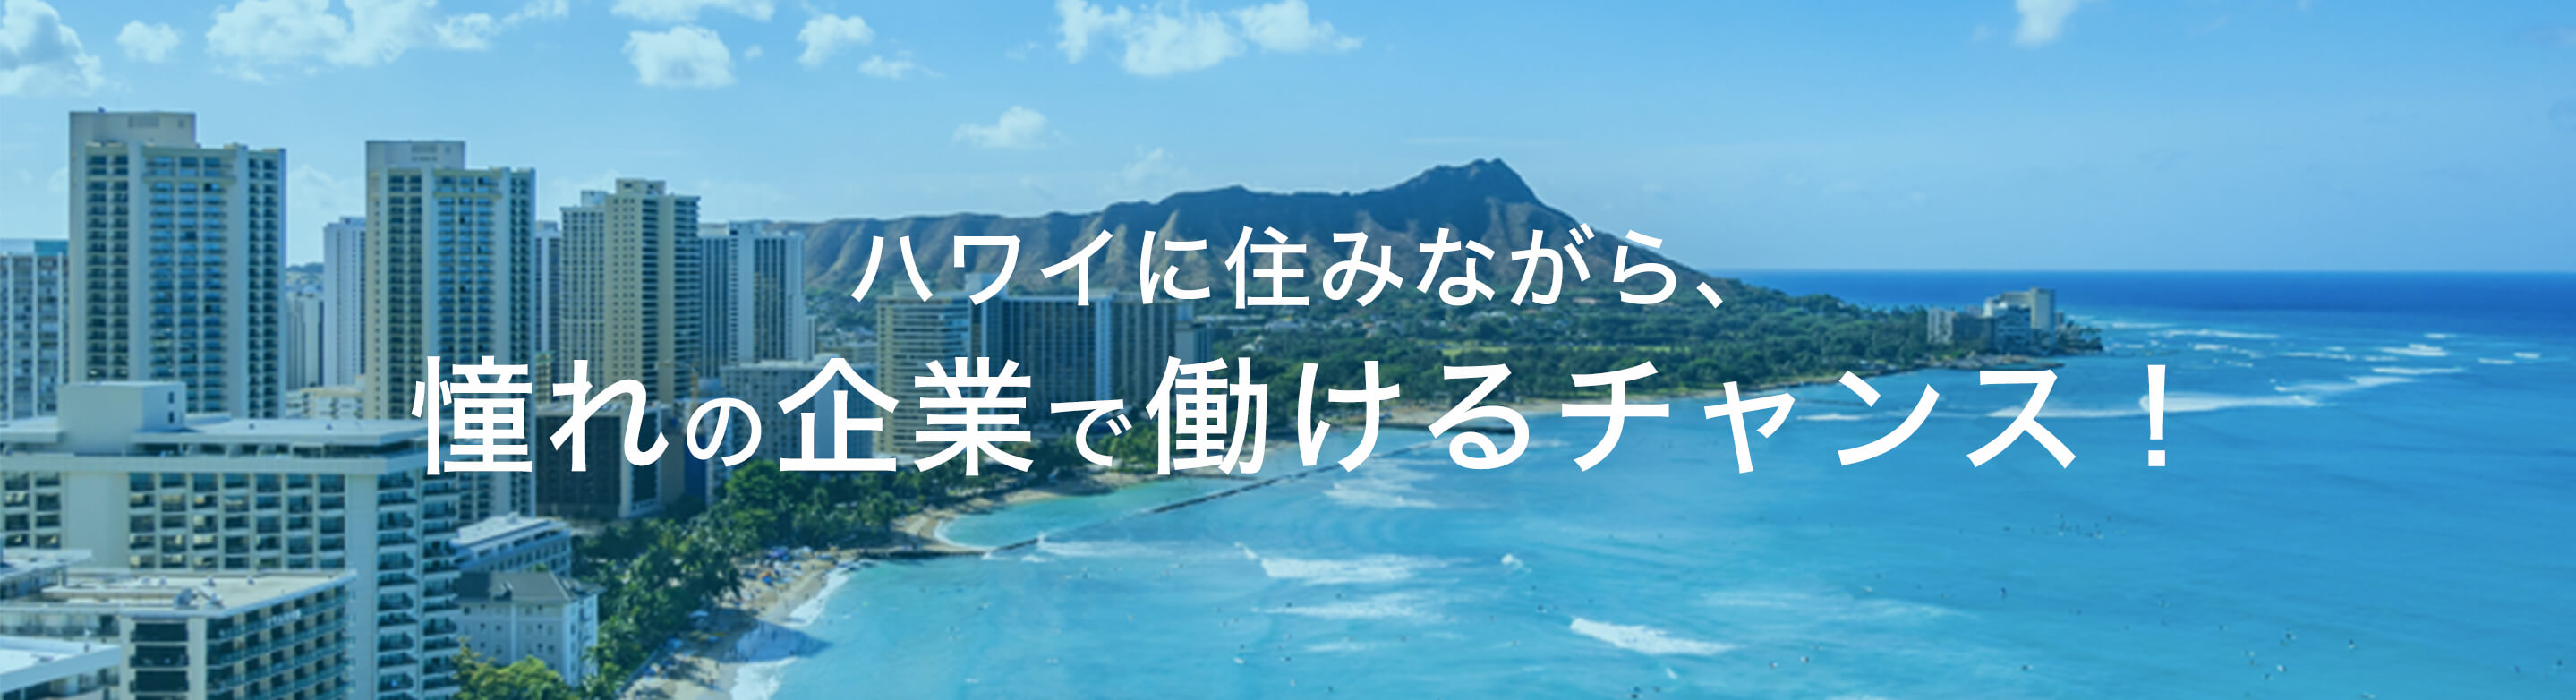 ハワイに住みながら、憧れの企業で働けるチャンス!